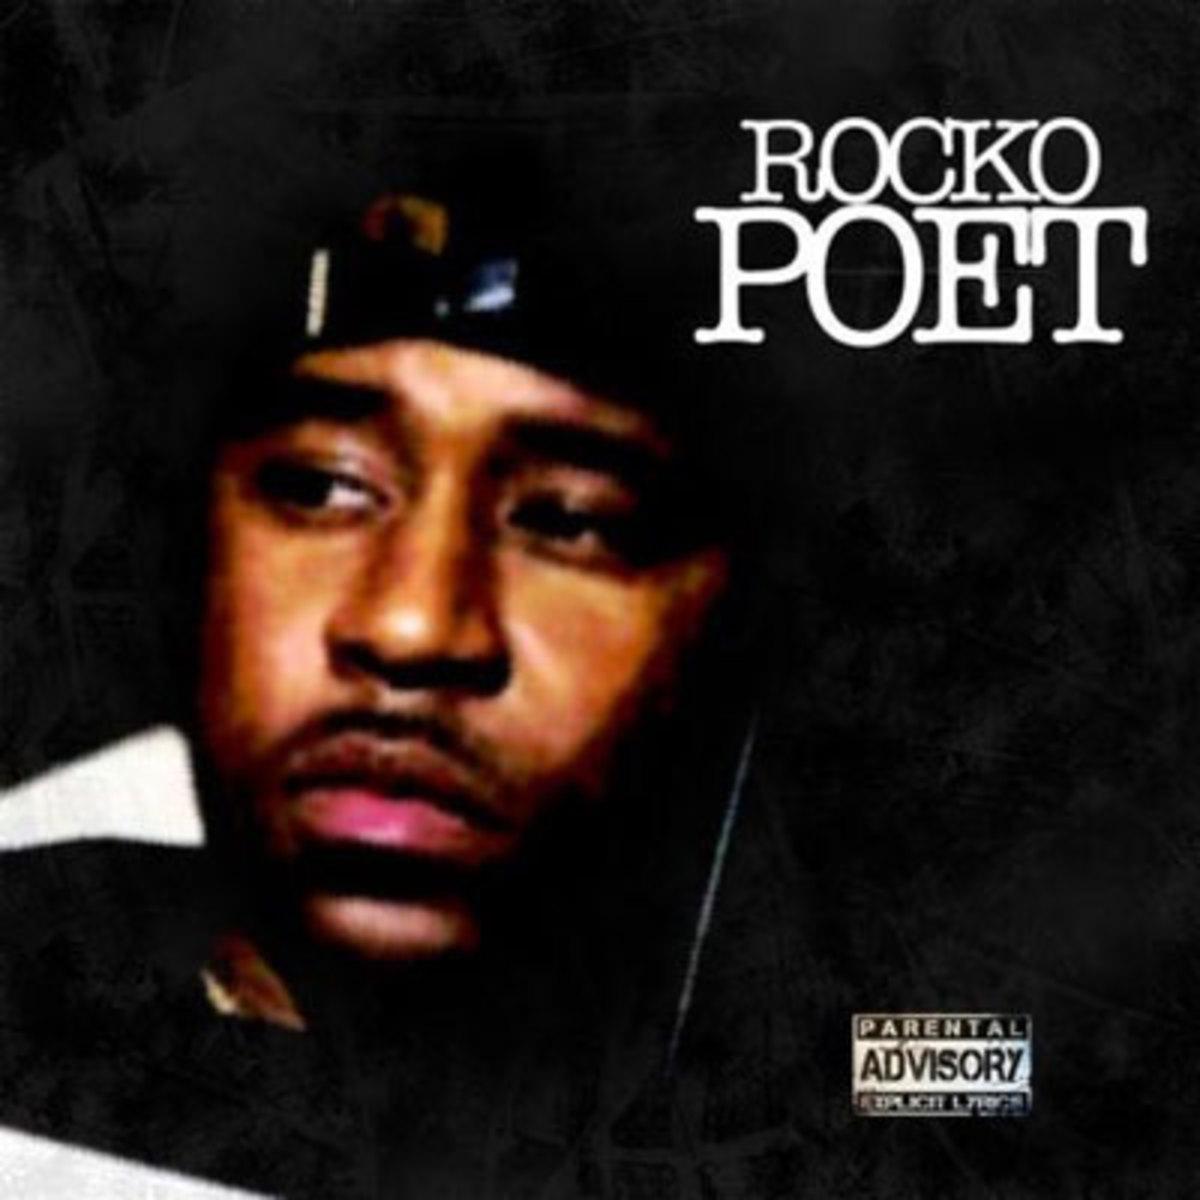 rocko-poet.jpg